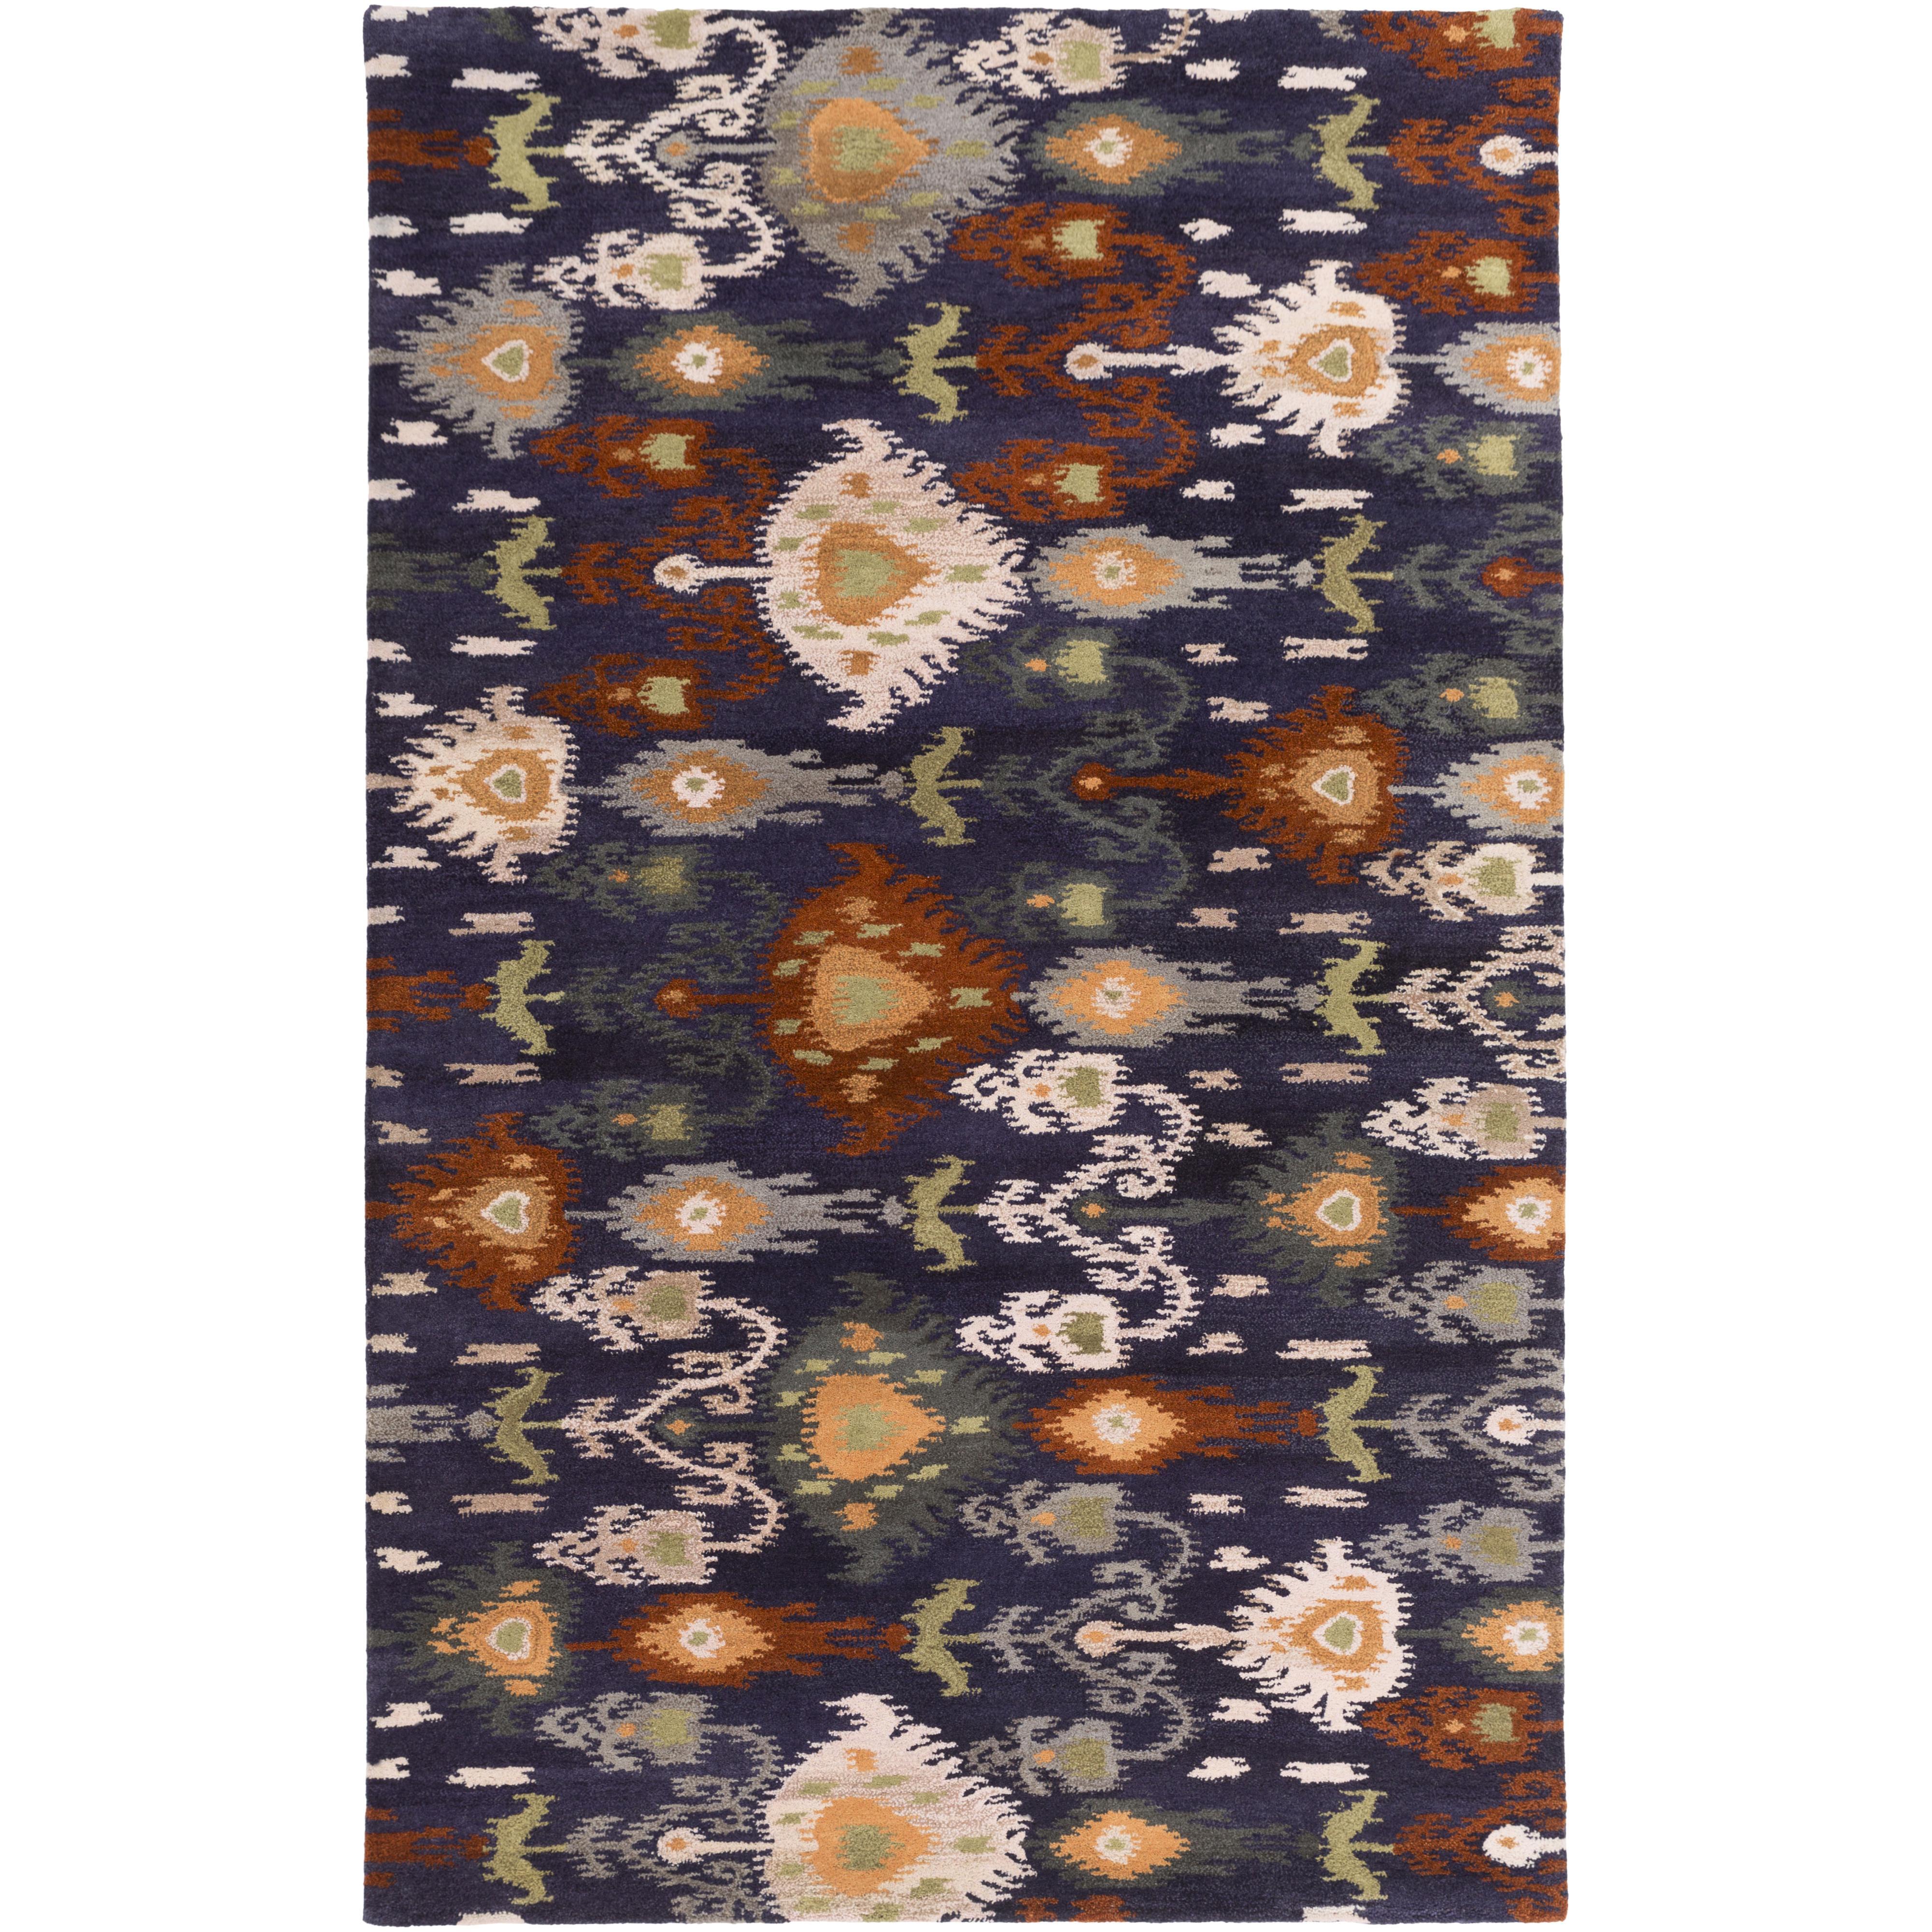 Surya Rugs Surroundings 5' x 8' - Item Number: SUR1018-58